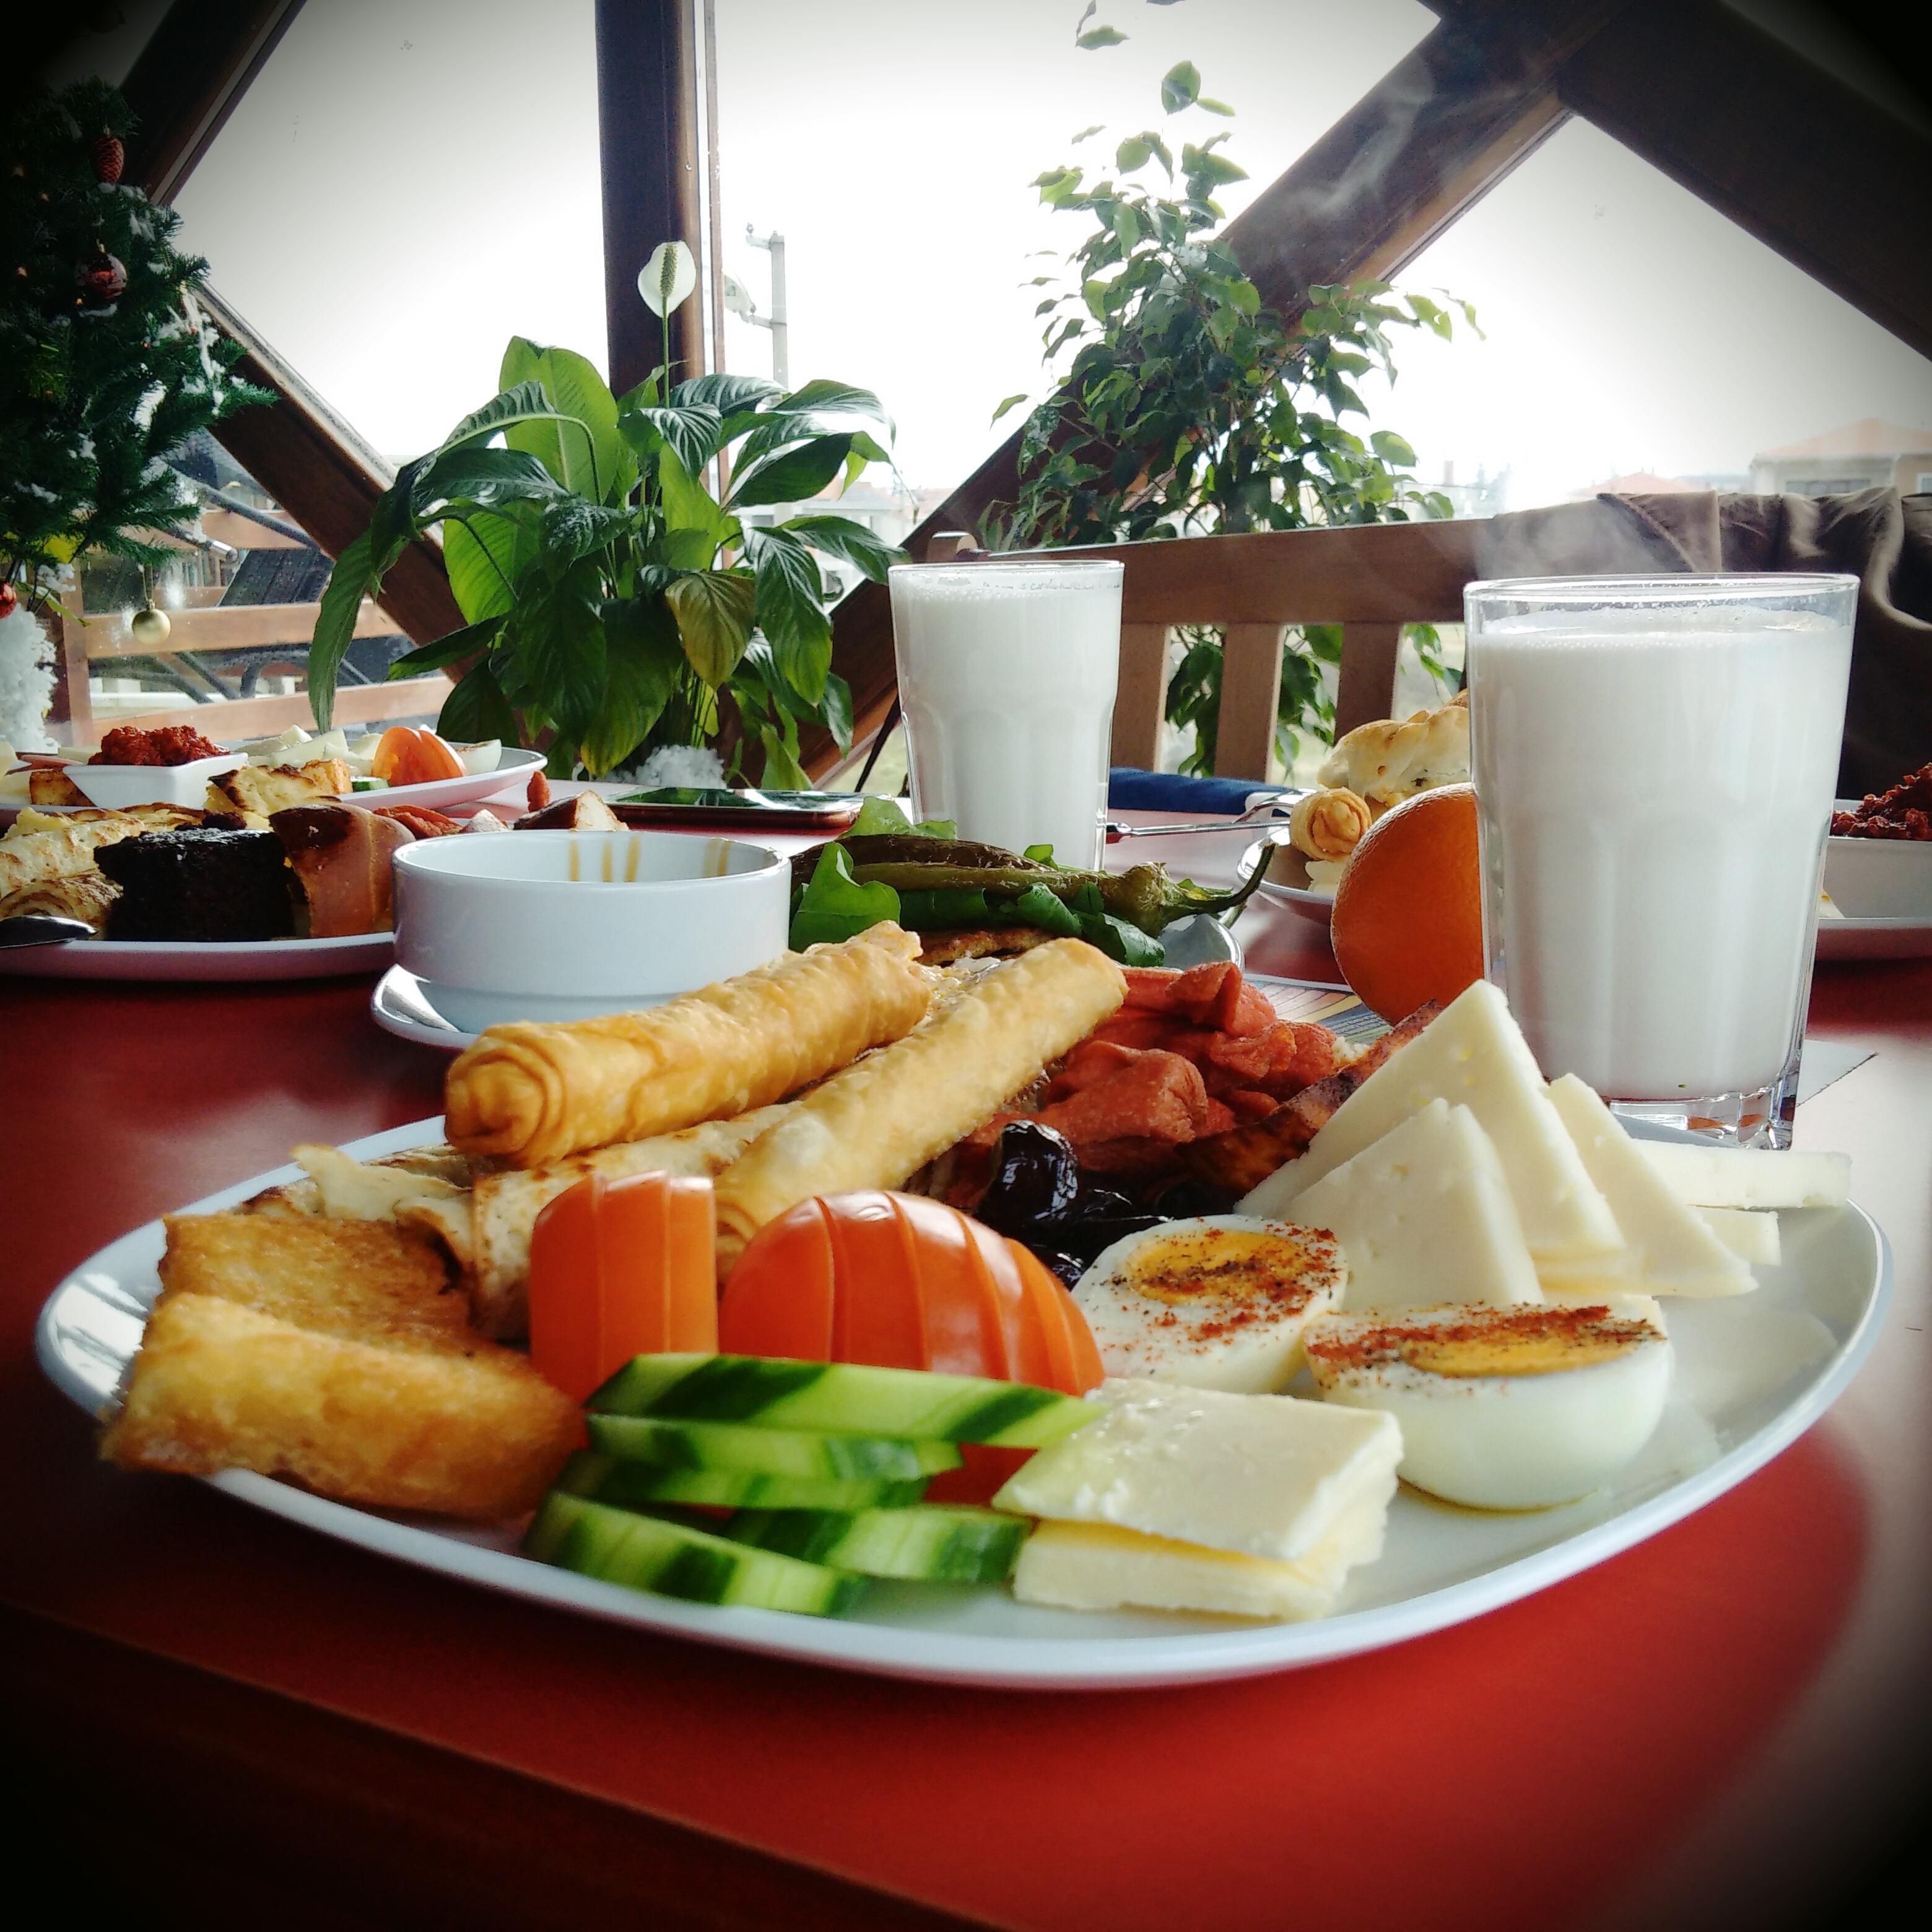 Kostenlose foto : Tabelle, Holz, Tee, Morgen, Restaurant, Gericht ...